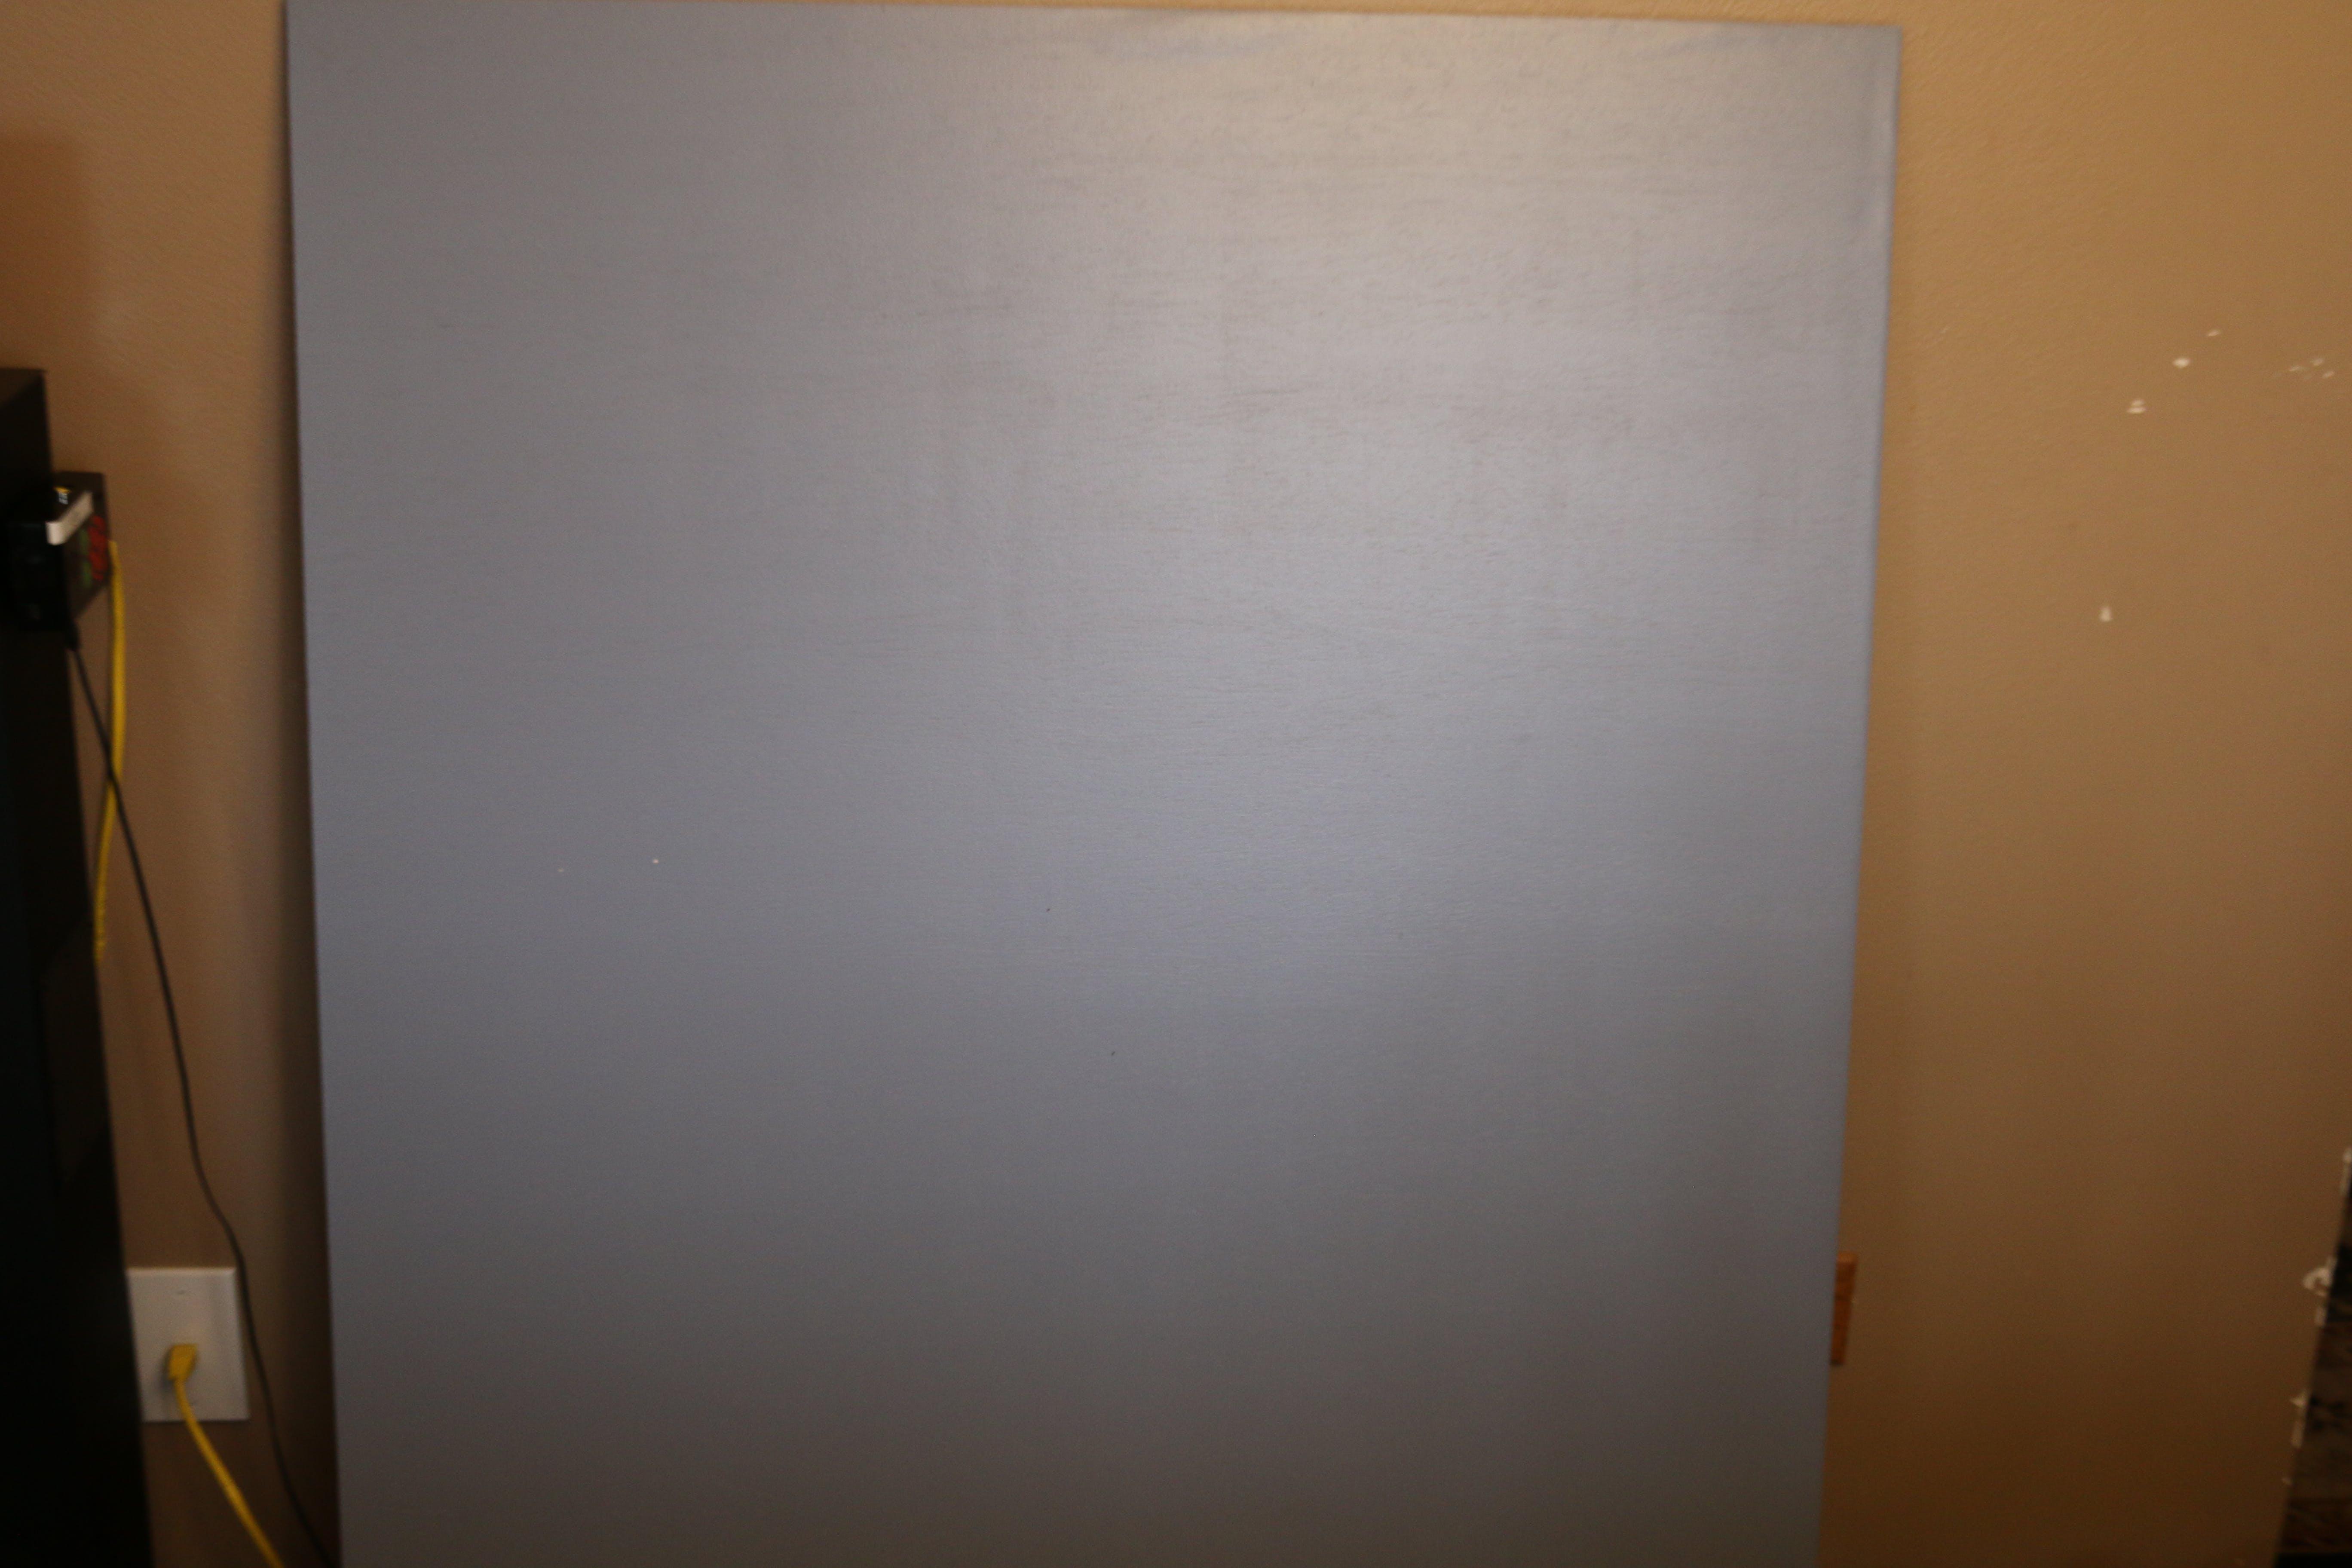 Board view 1